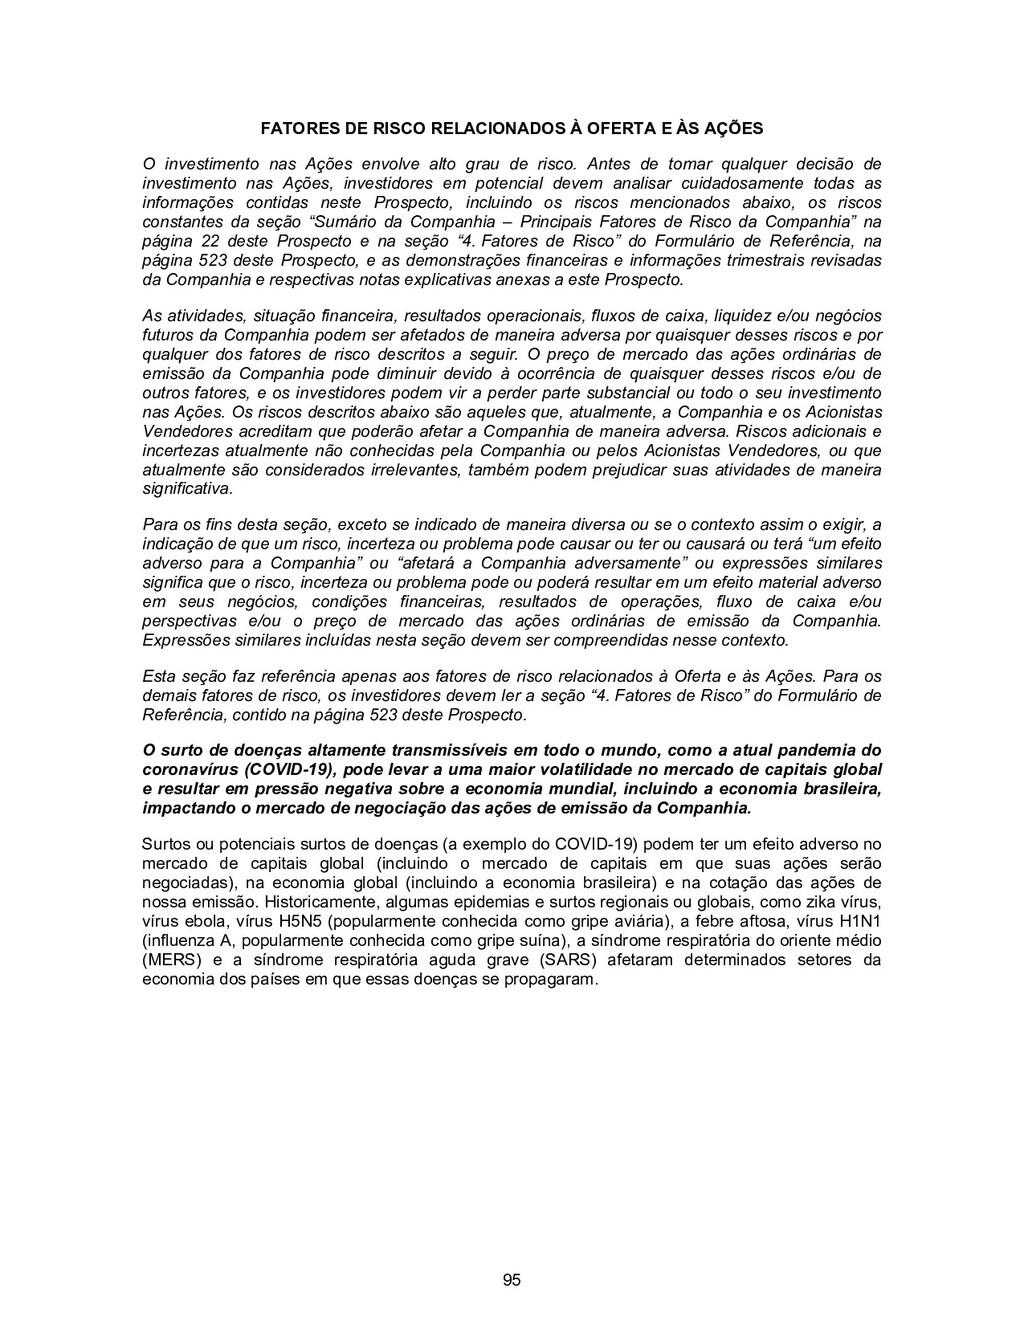 95 FATORES DE RISCO RELACIONADOS À OFERTA E ÀS ...